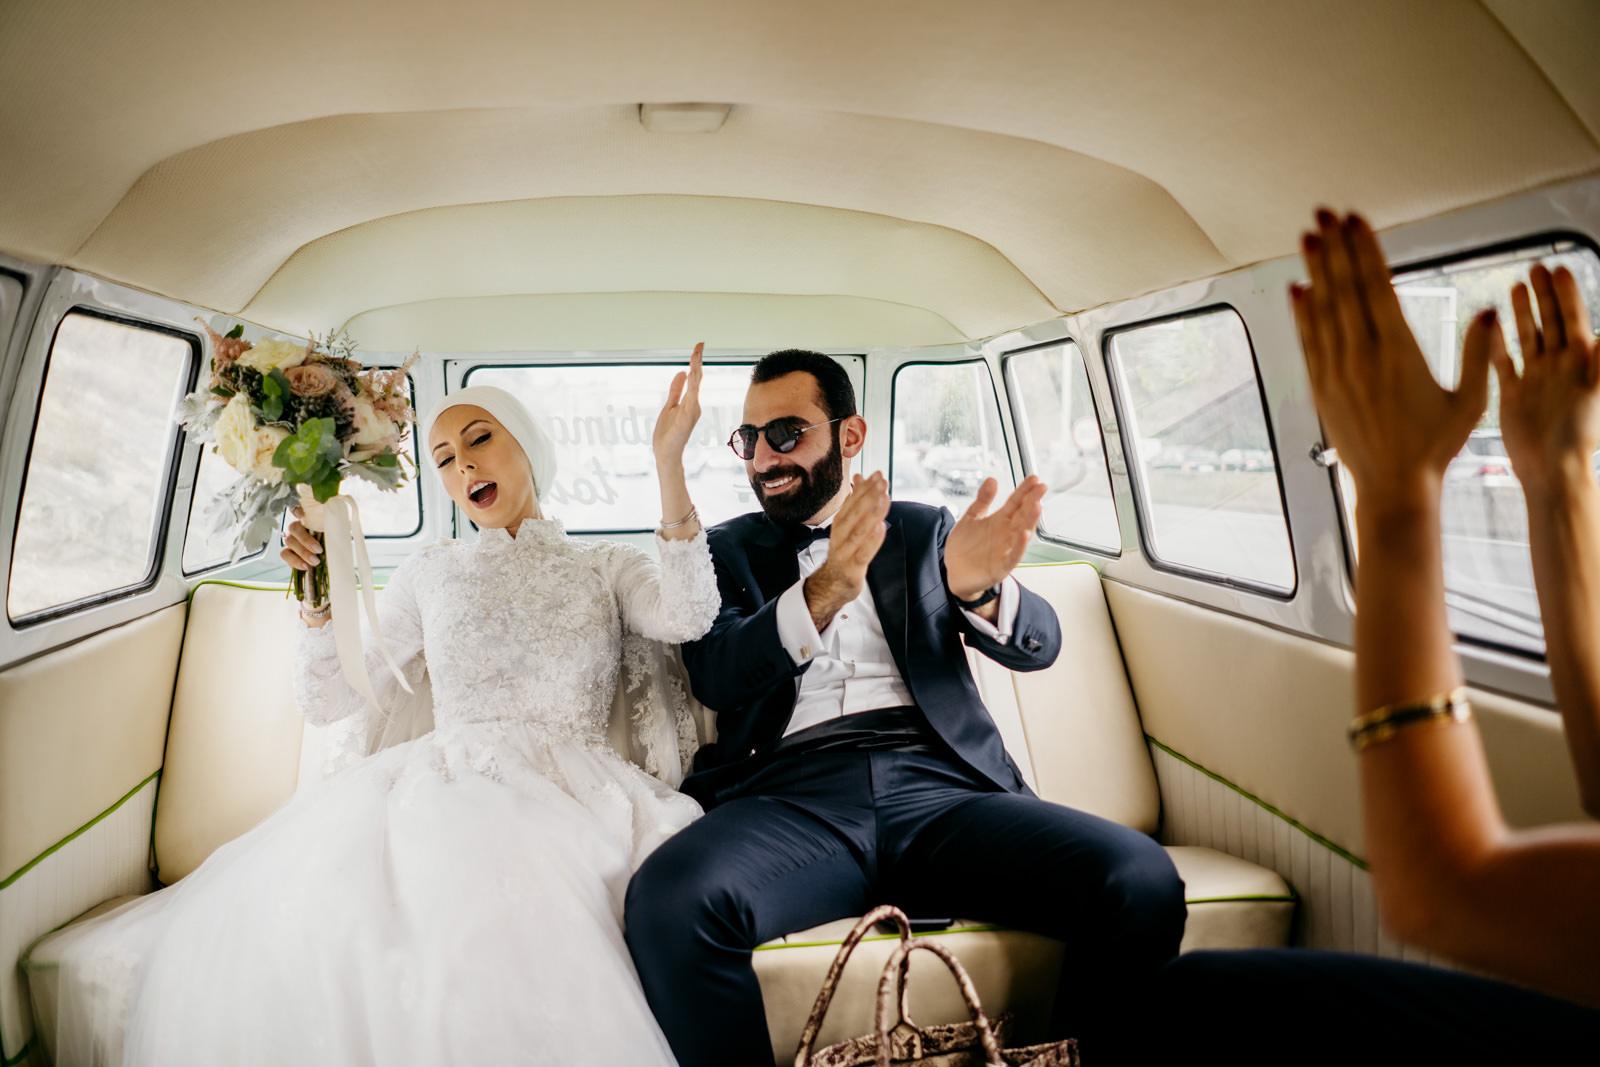 palácio marqueses da fronteira the framers arab wedding